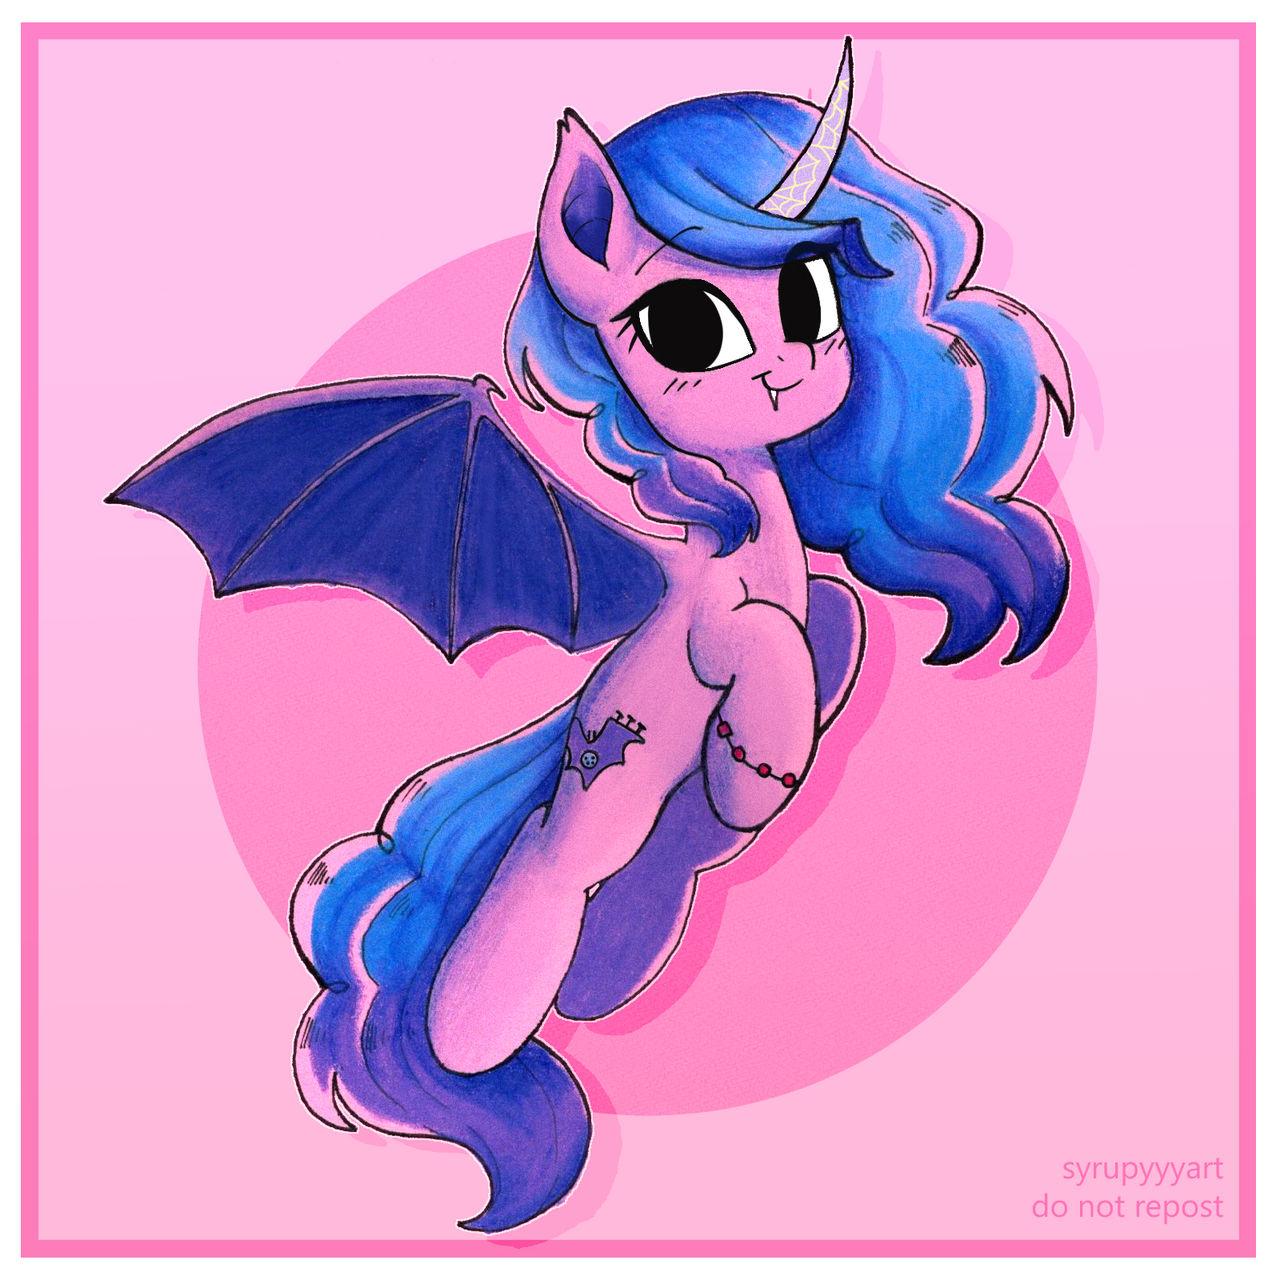 bat_pony_by_syrupyyy_dest7mq-fullview.jpg